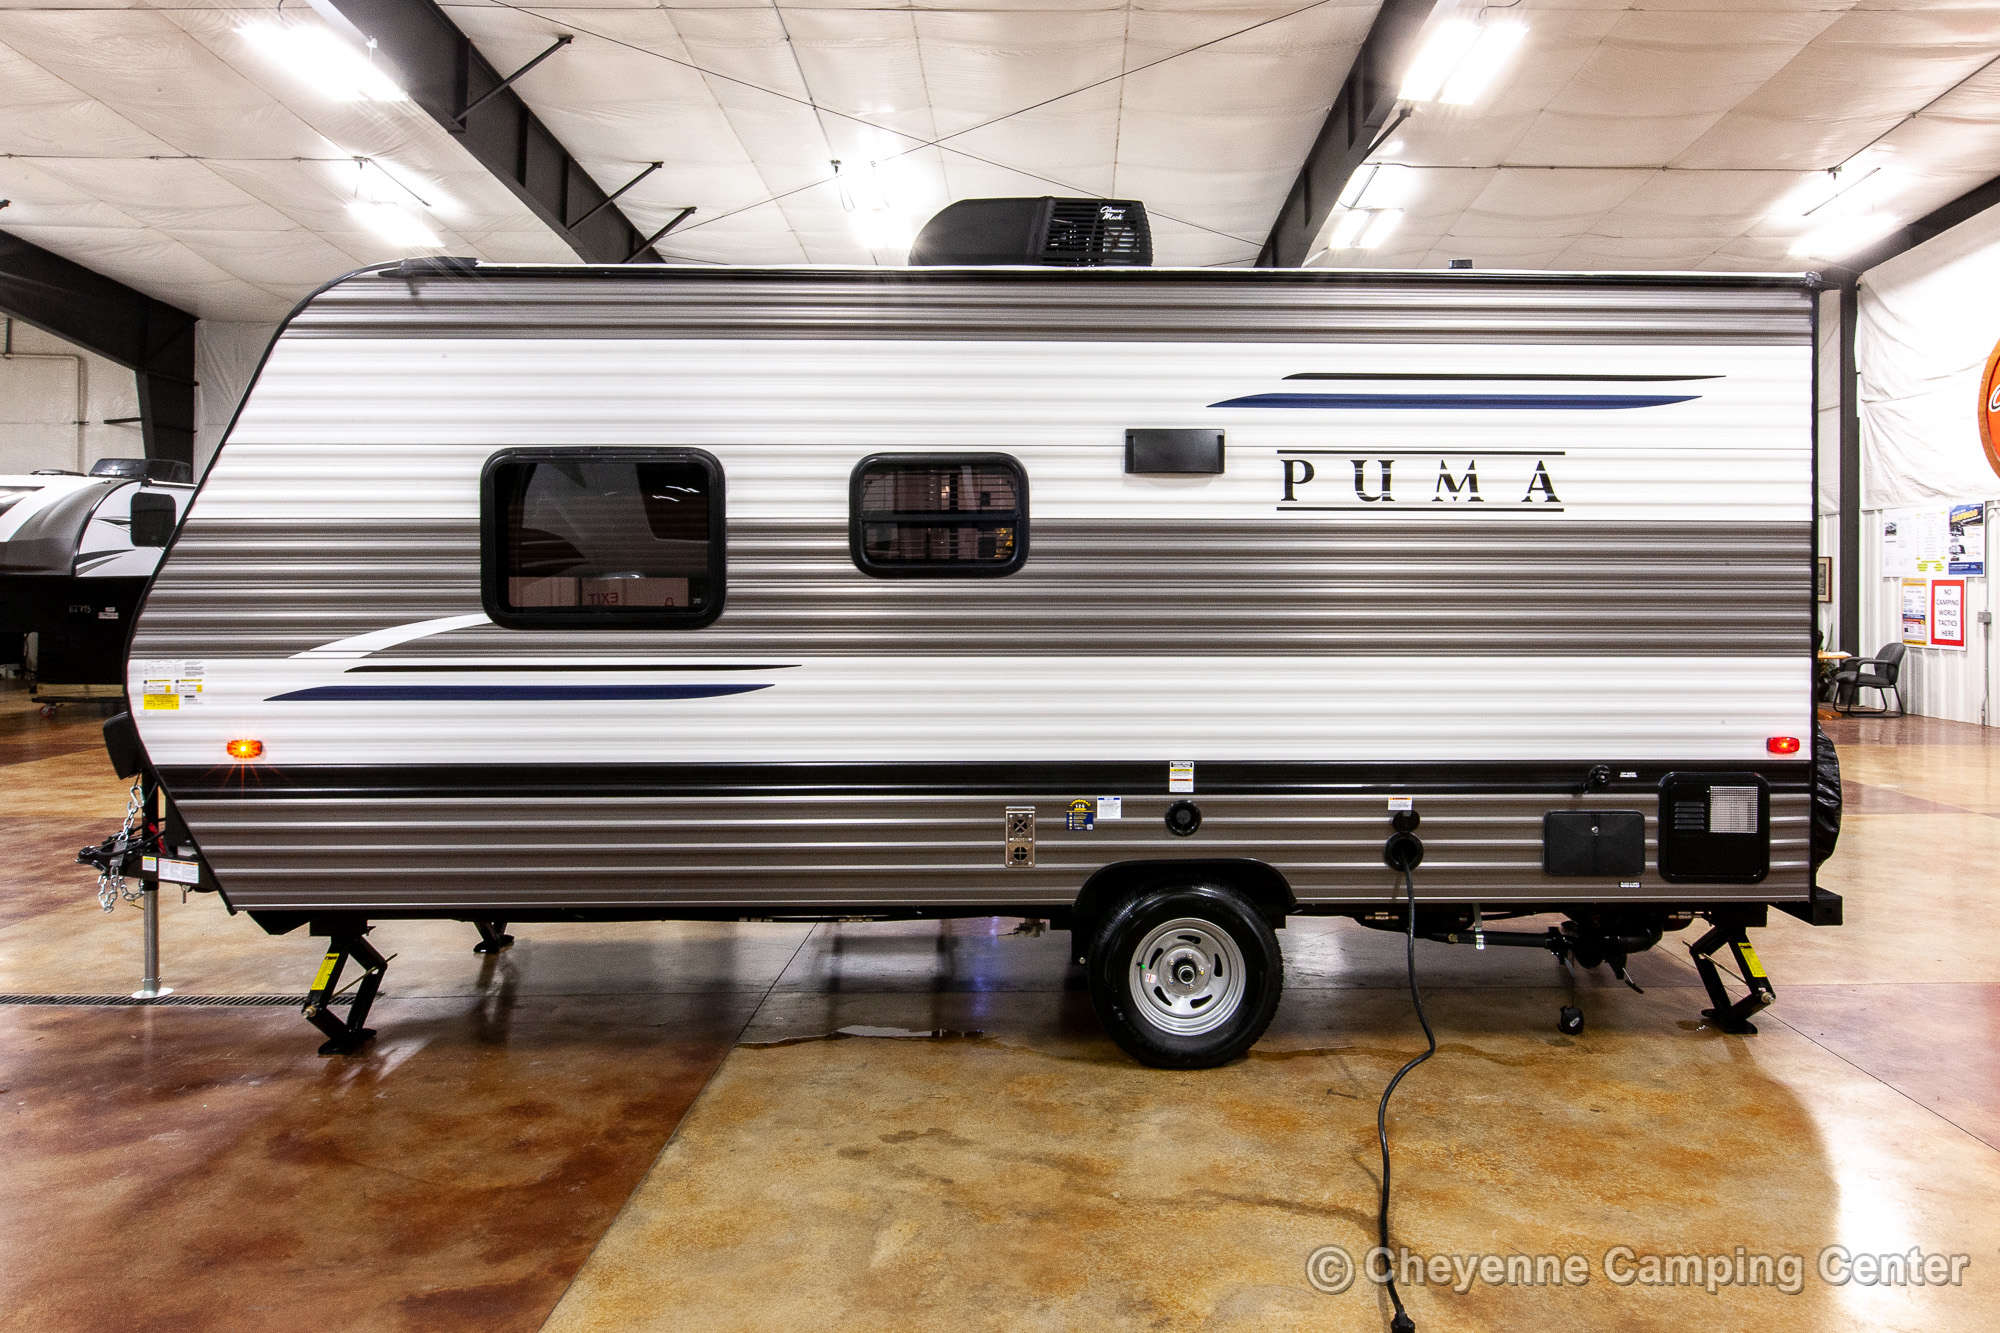 2021 Palomino Puma Ultra Lite 16QBX Travel Trailer Exterior Image